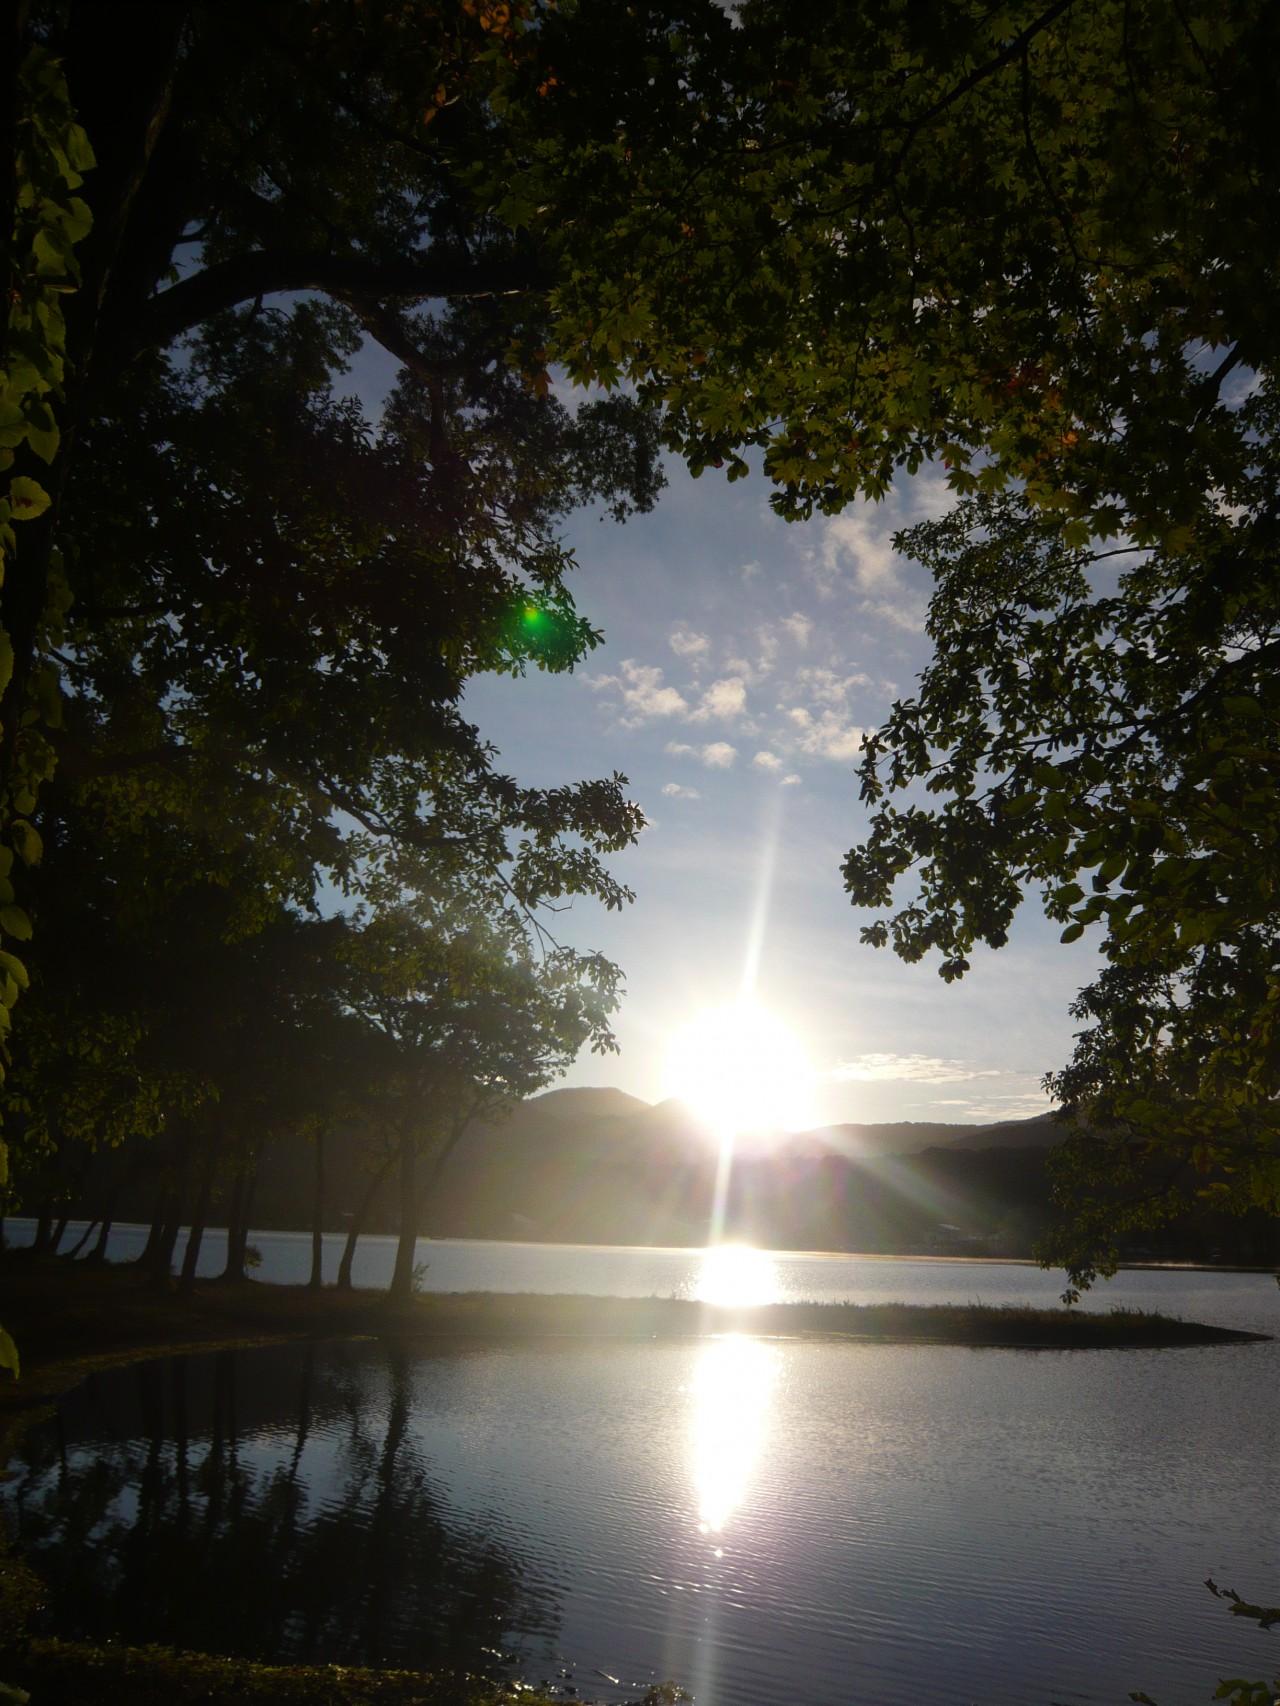 青森 十和田市 上北 秋 十和田湖 日の出 朝日 自然 早朝 木漏れ日 風景